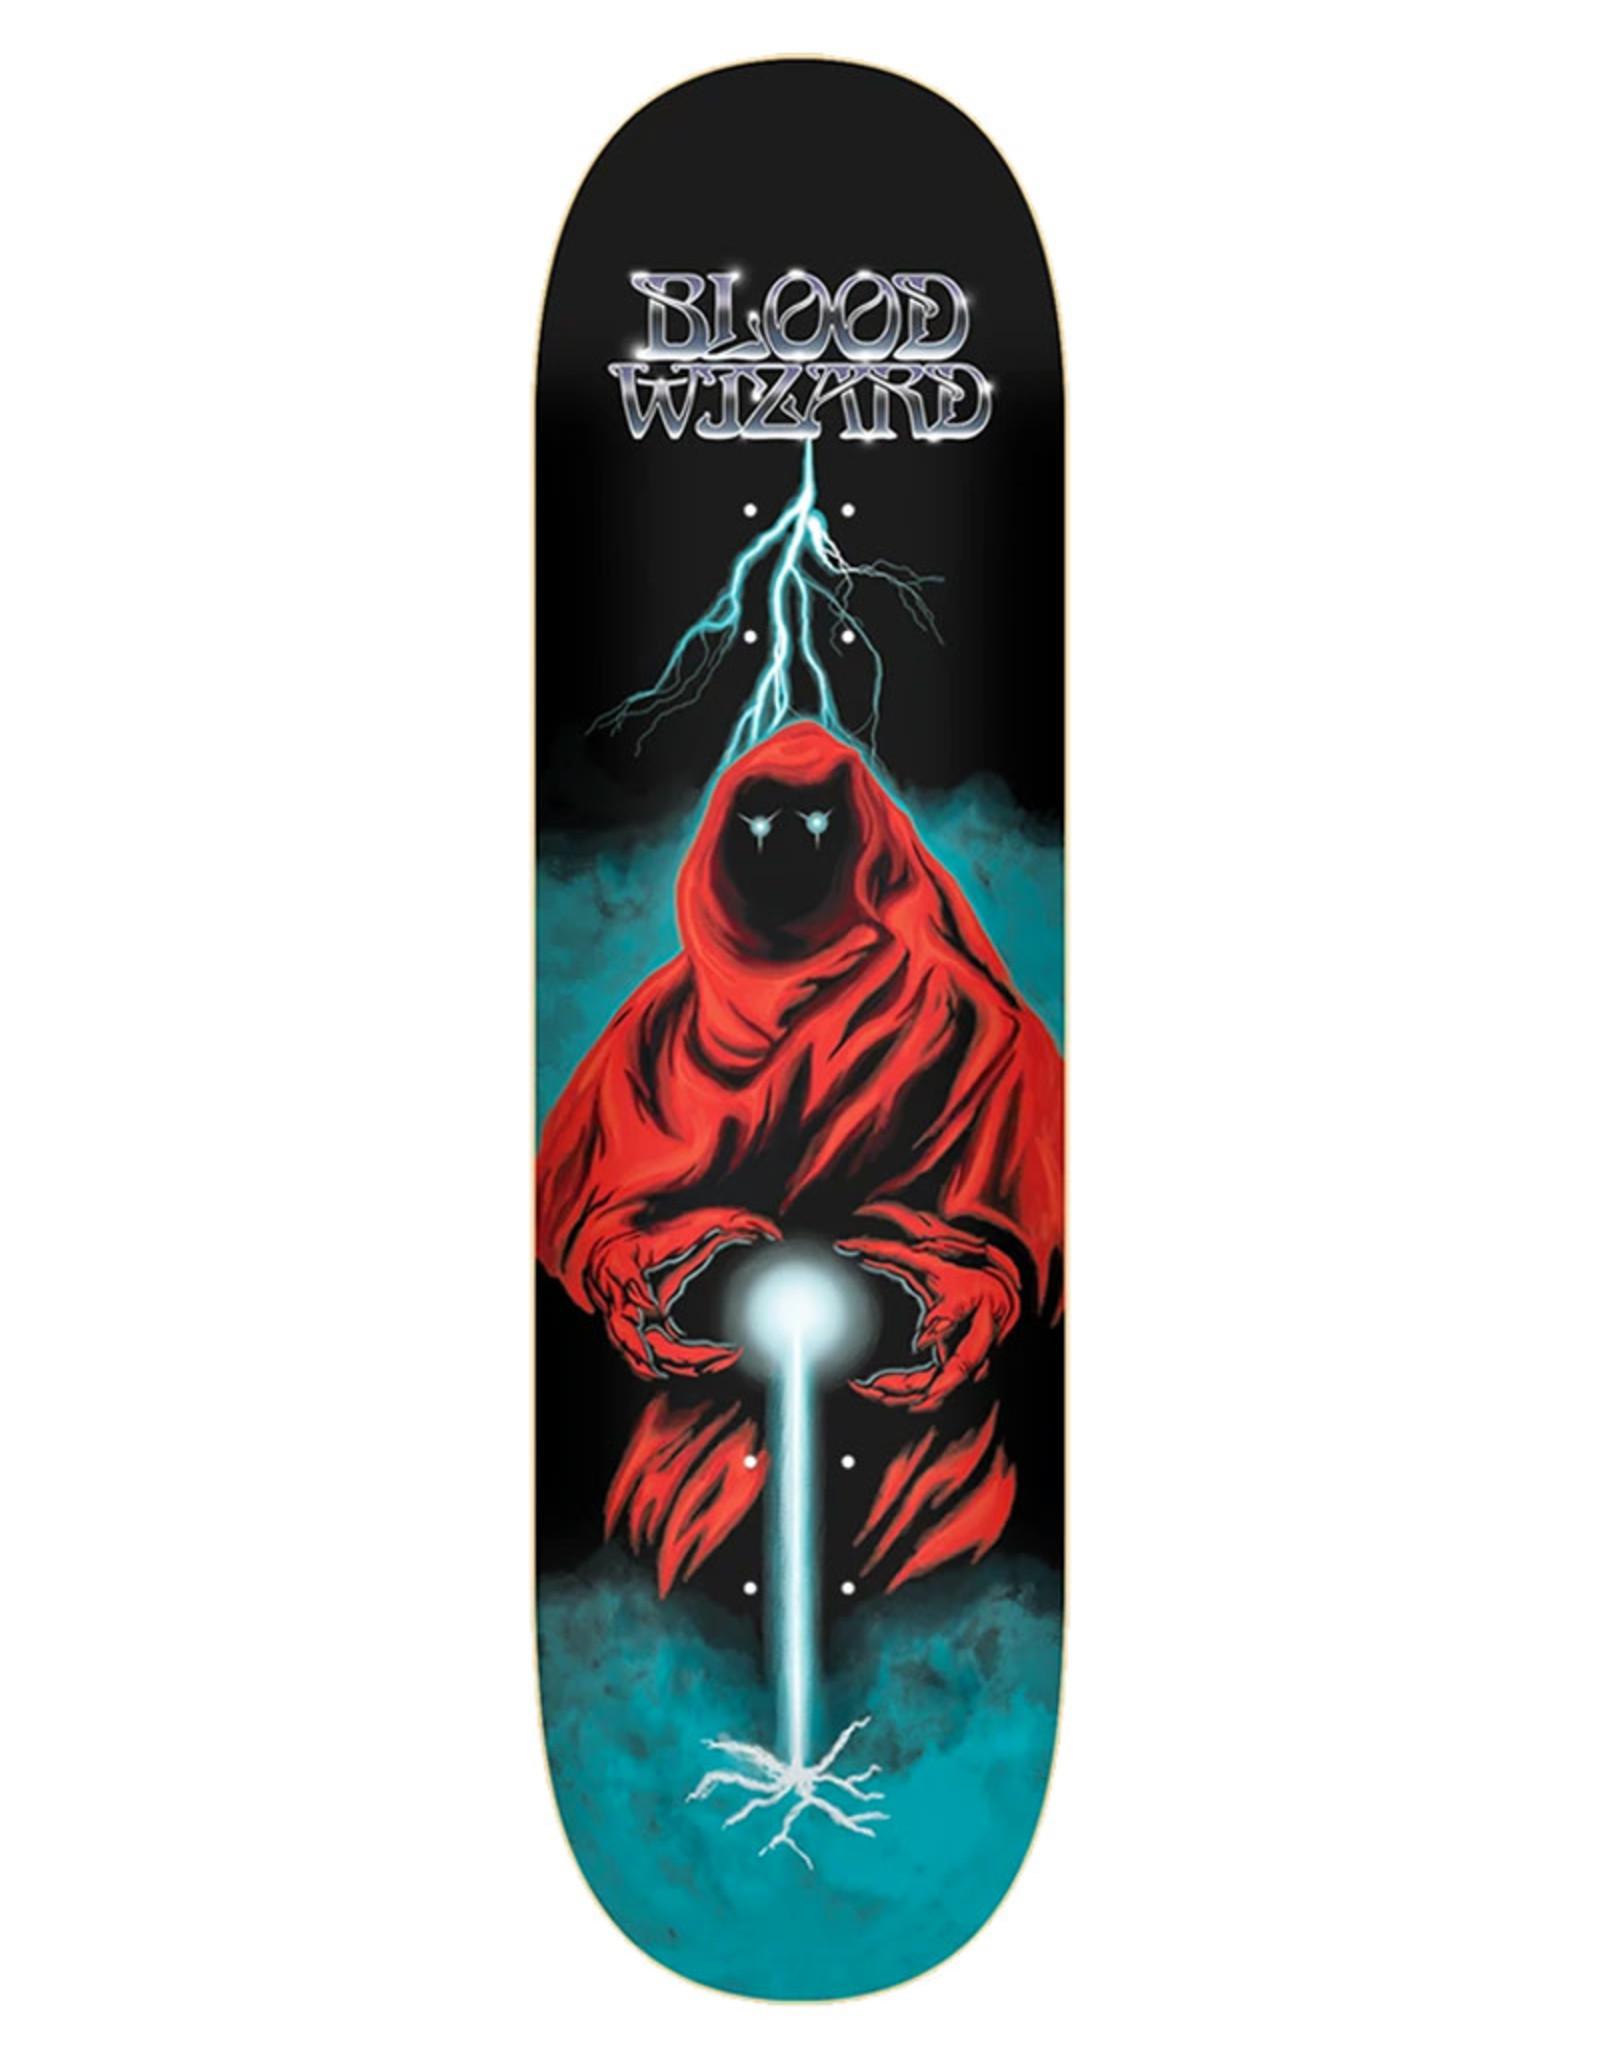 Blood Wizard Blood Wizard Deck Team Crimson Warrior (8.625)